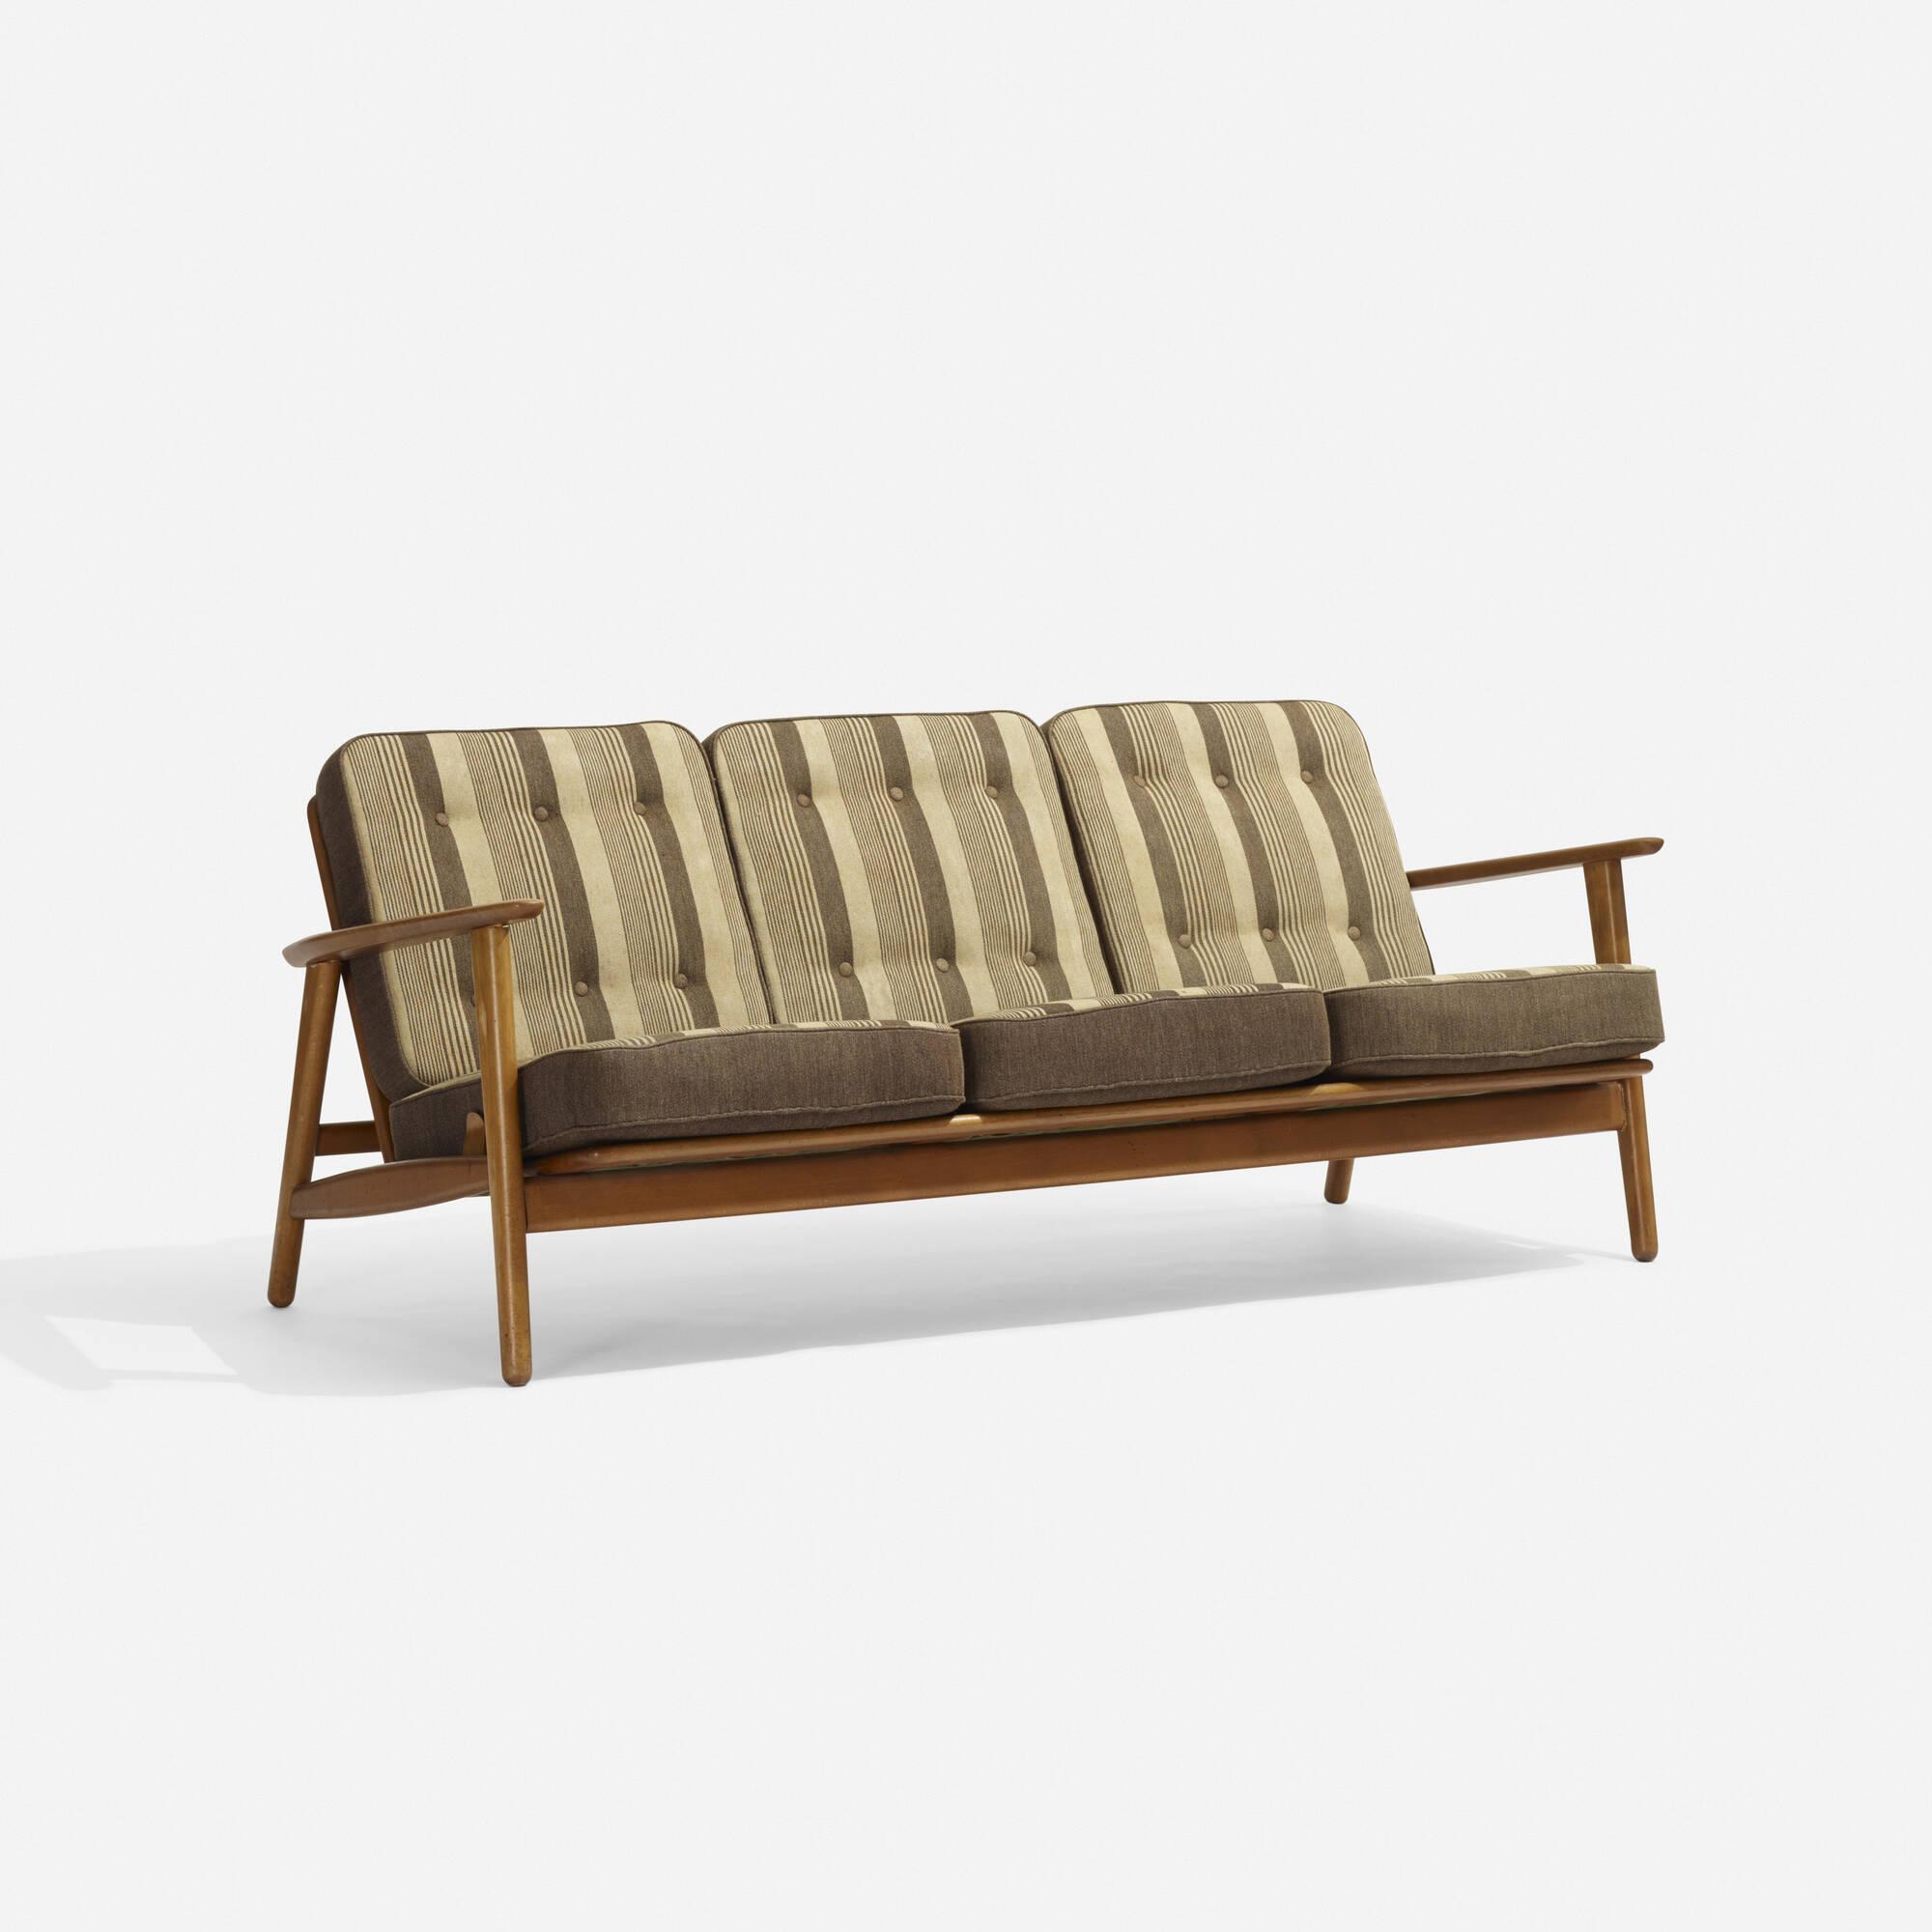 730 In The Manner Of Hans J Wegner Sofa Mass Modern Day 2 10